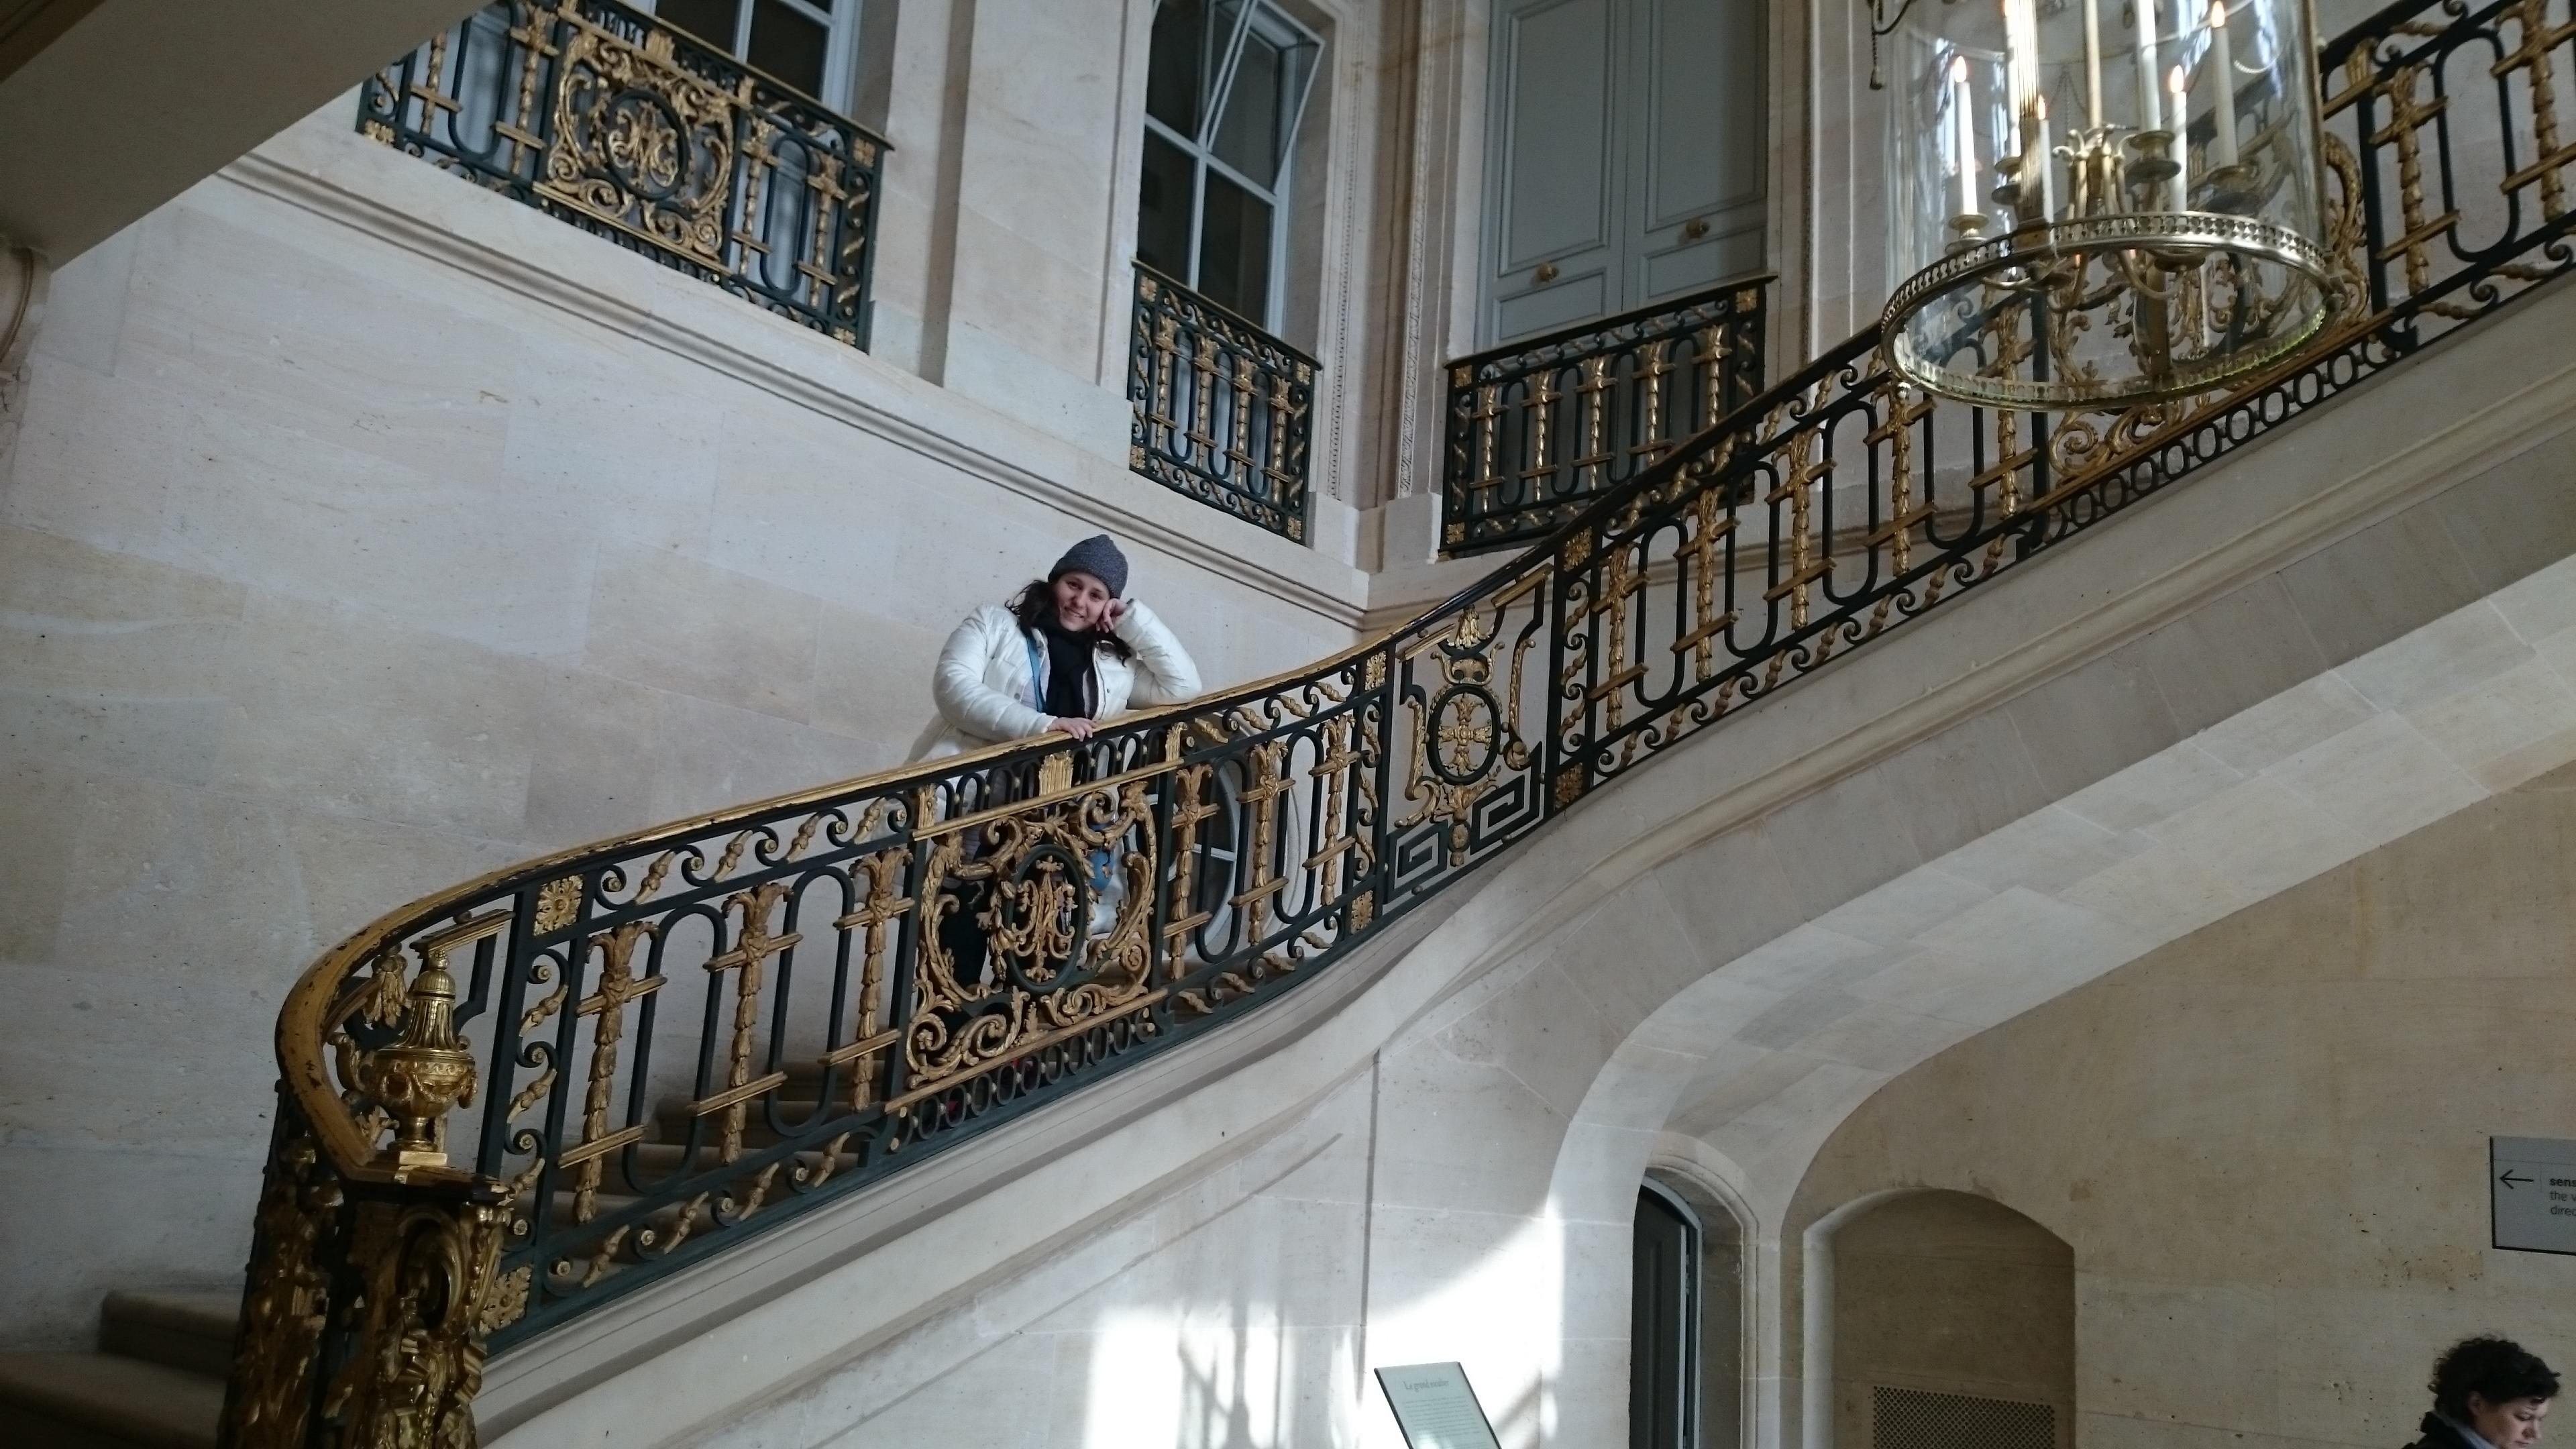 dsc 1267 copia - Visita al Palacio de Versalles: Como ir, cuanto cuesta y tips II/III